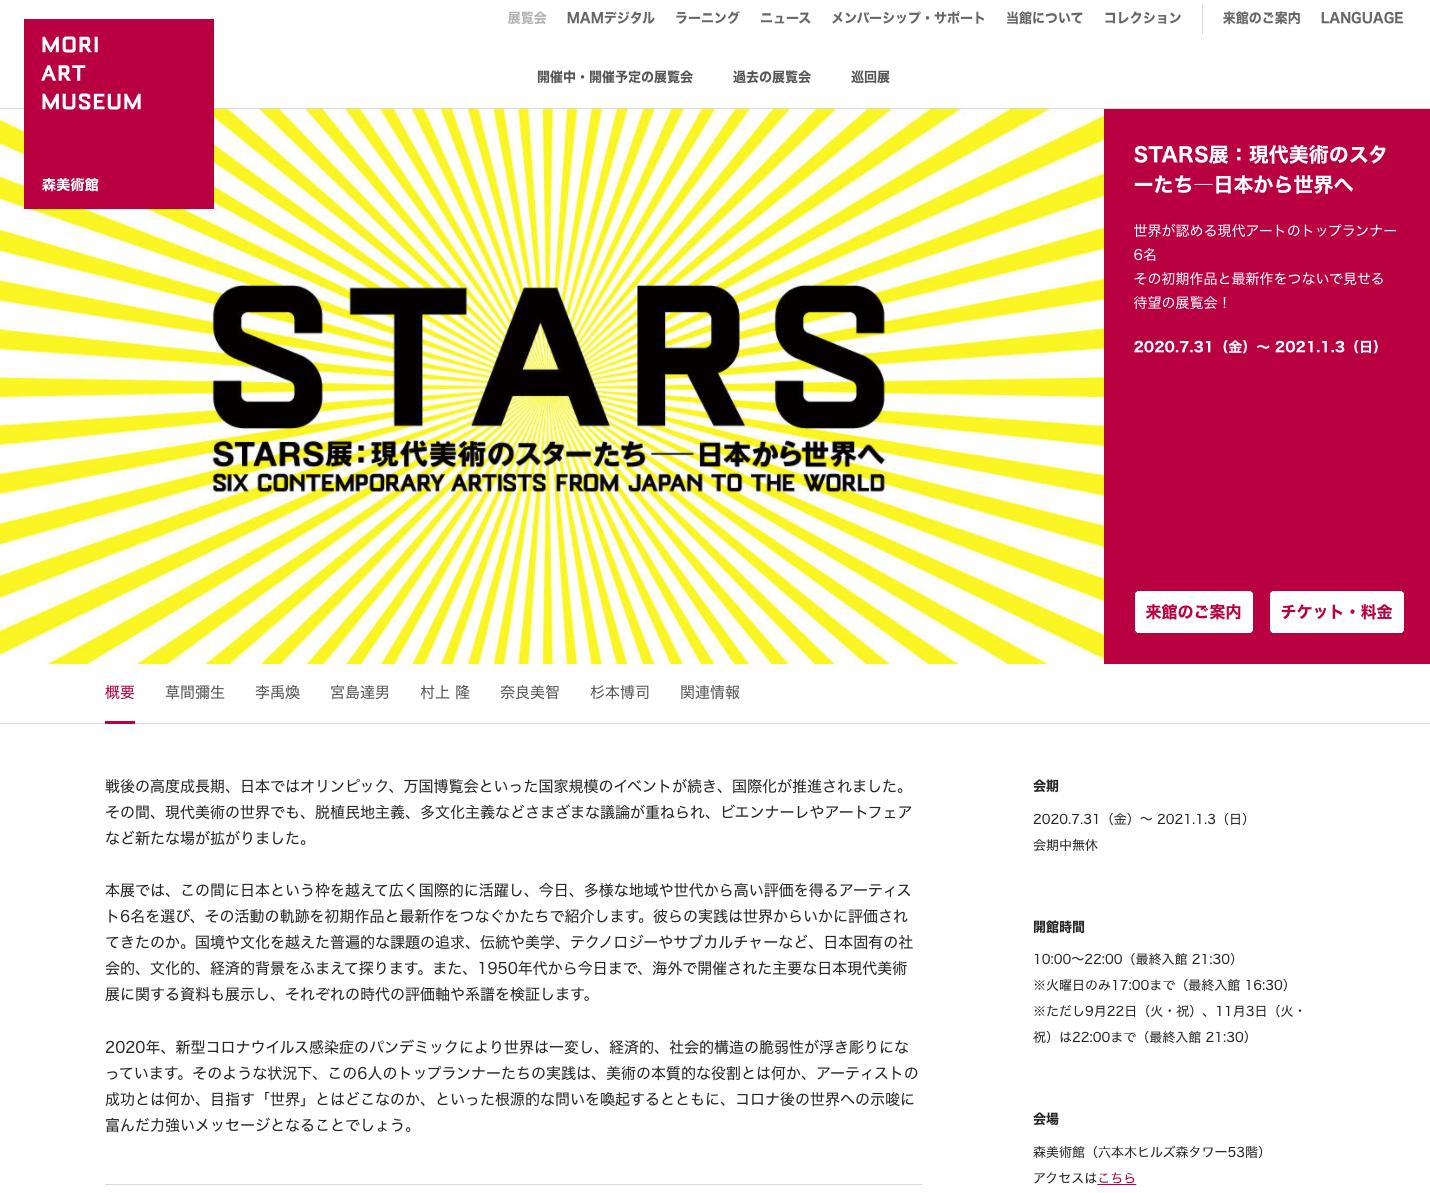 森美術館「STARS」展で展示が始まりました!